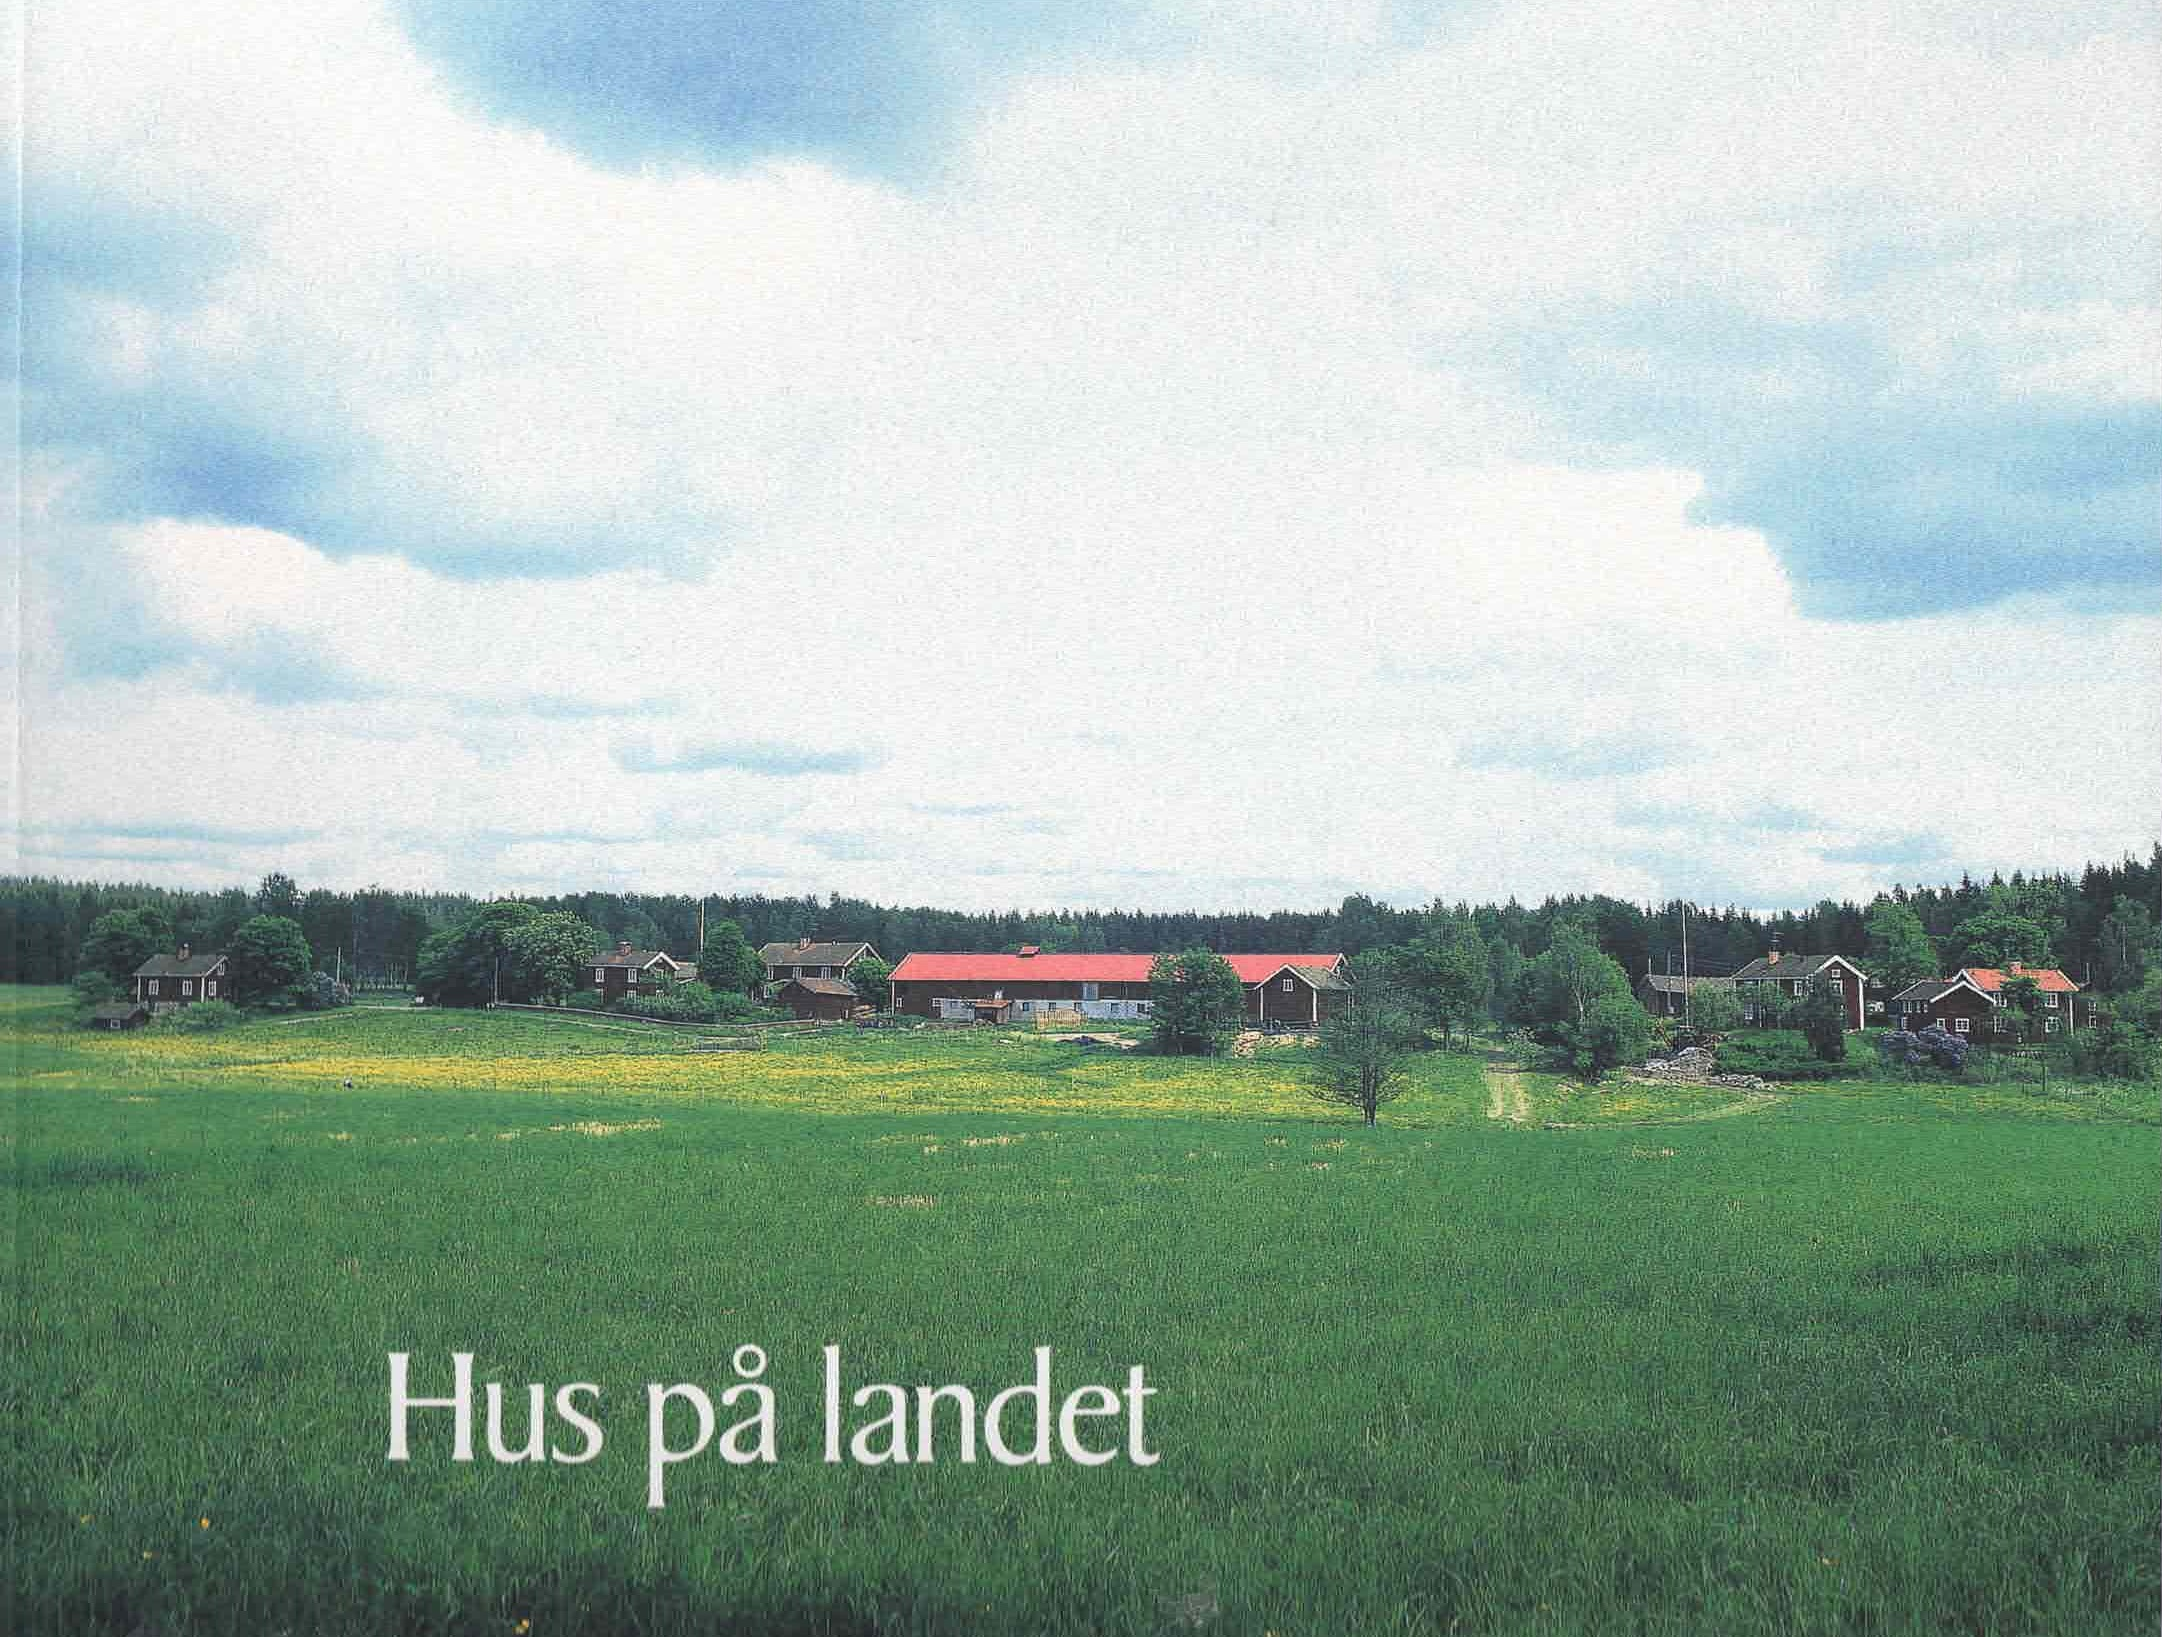 Hus på landet - Red.